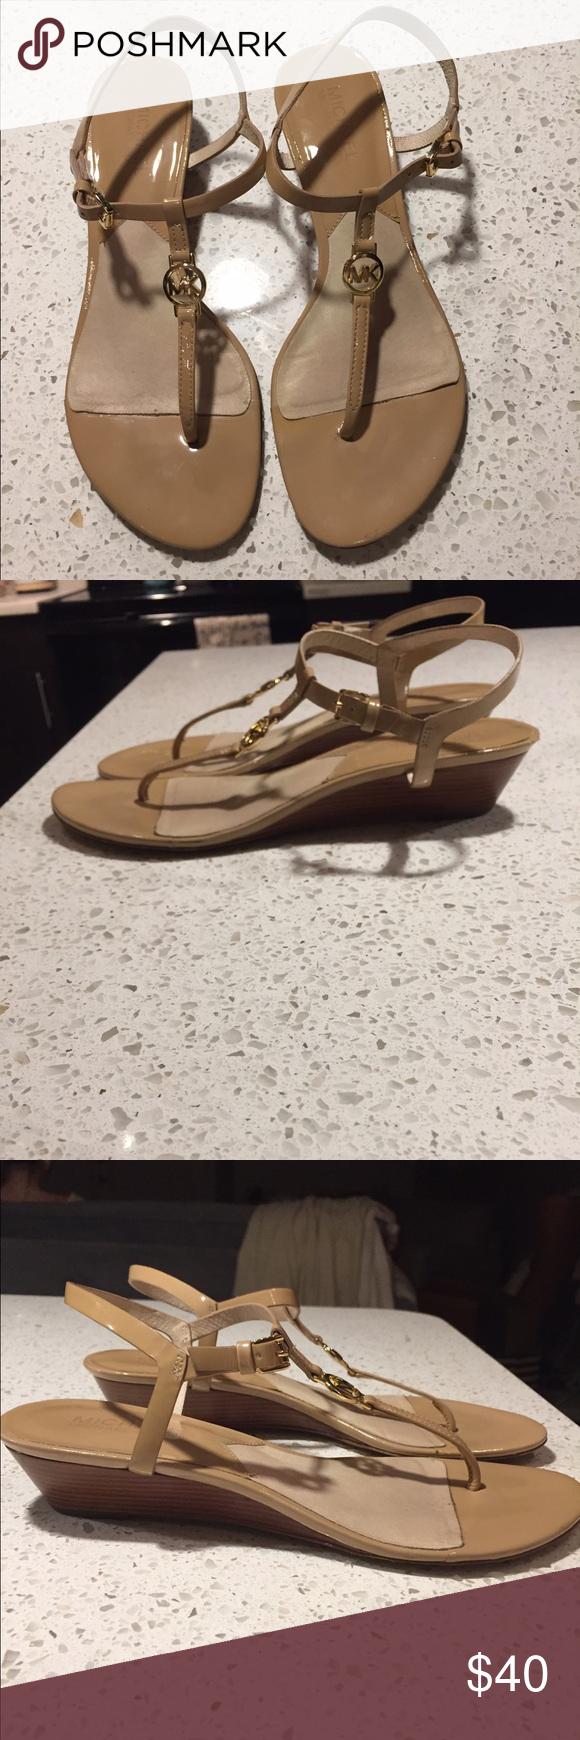 Michale Kors sandals Nude patent leather T-strap Michael Kors heeled Sandals Michael Kors Shoes Sandals